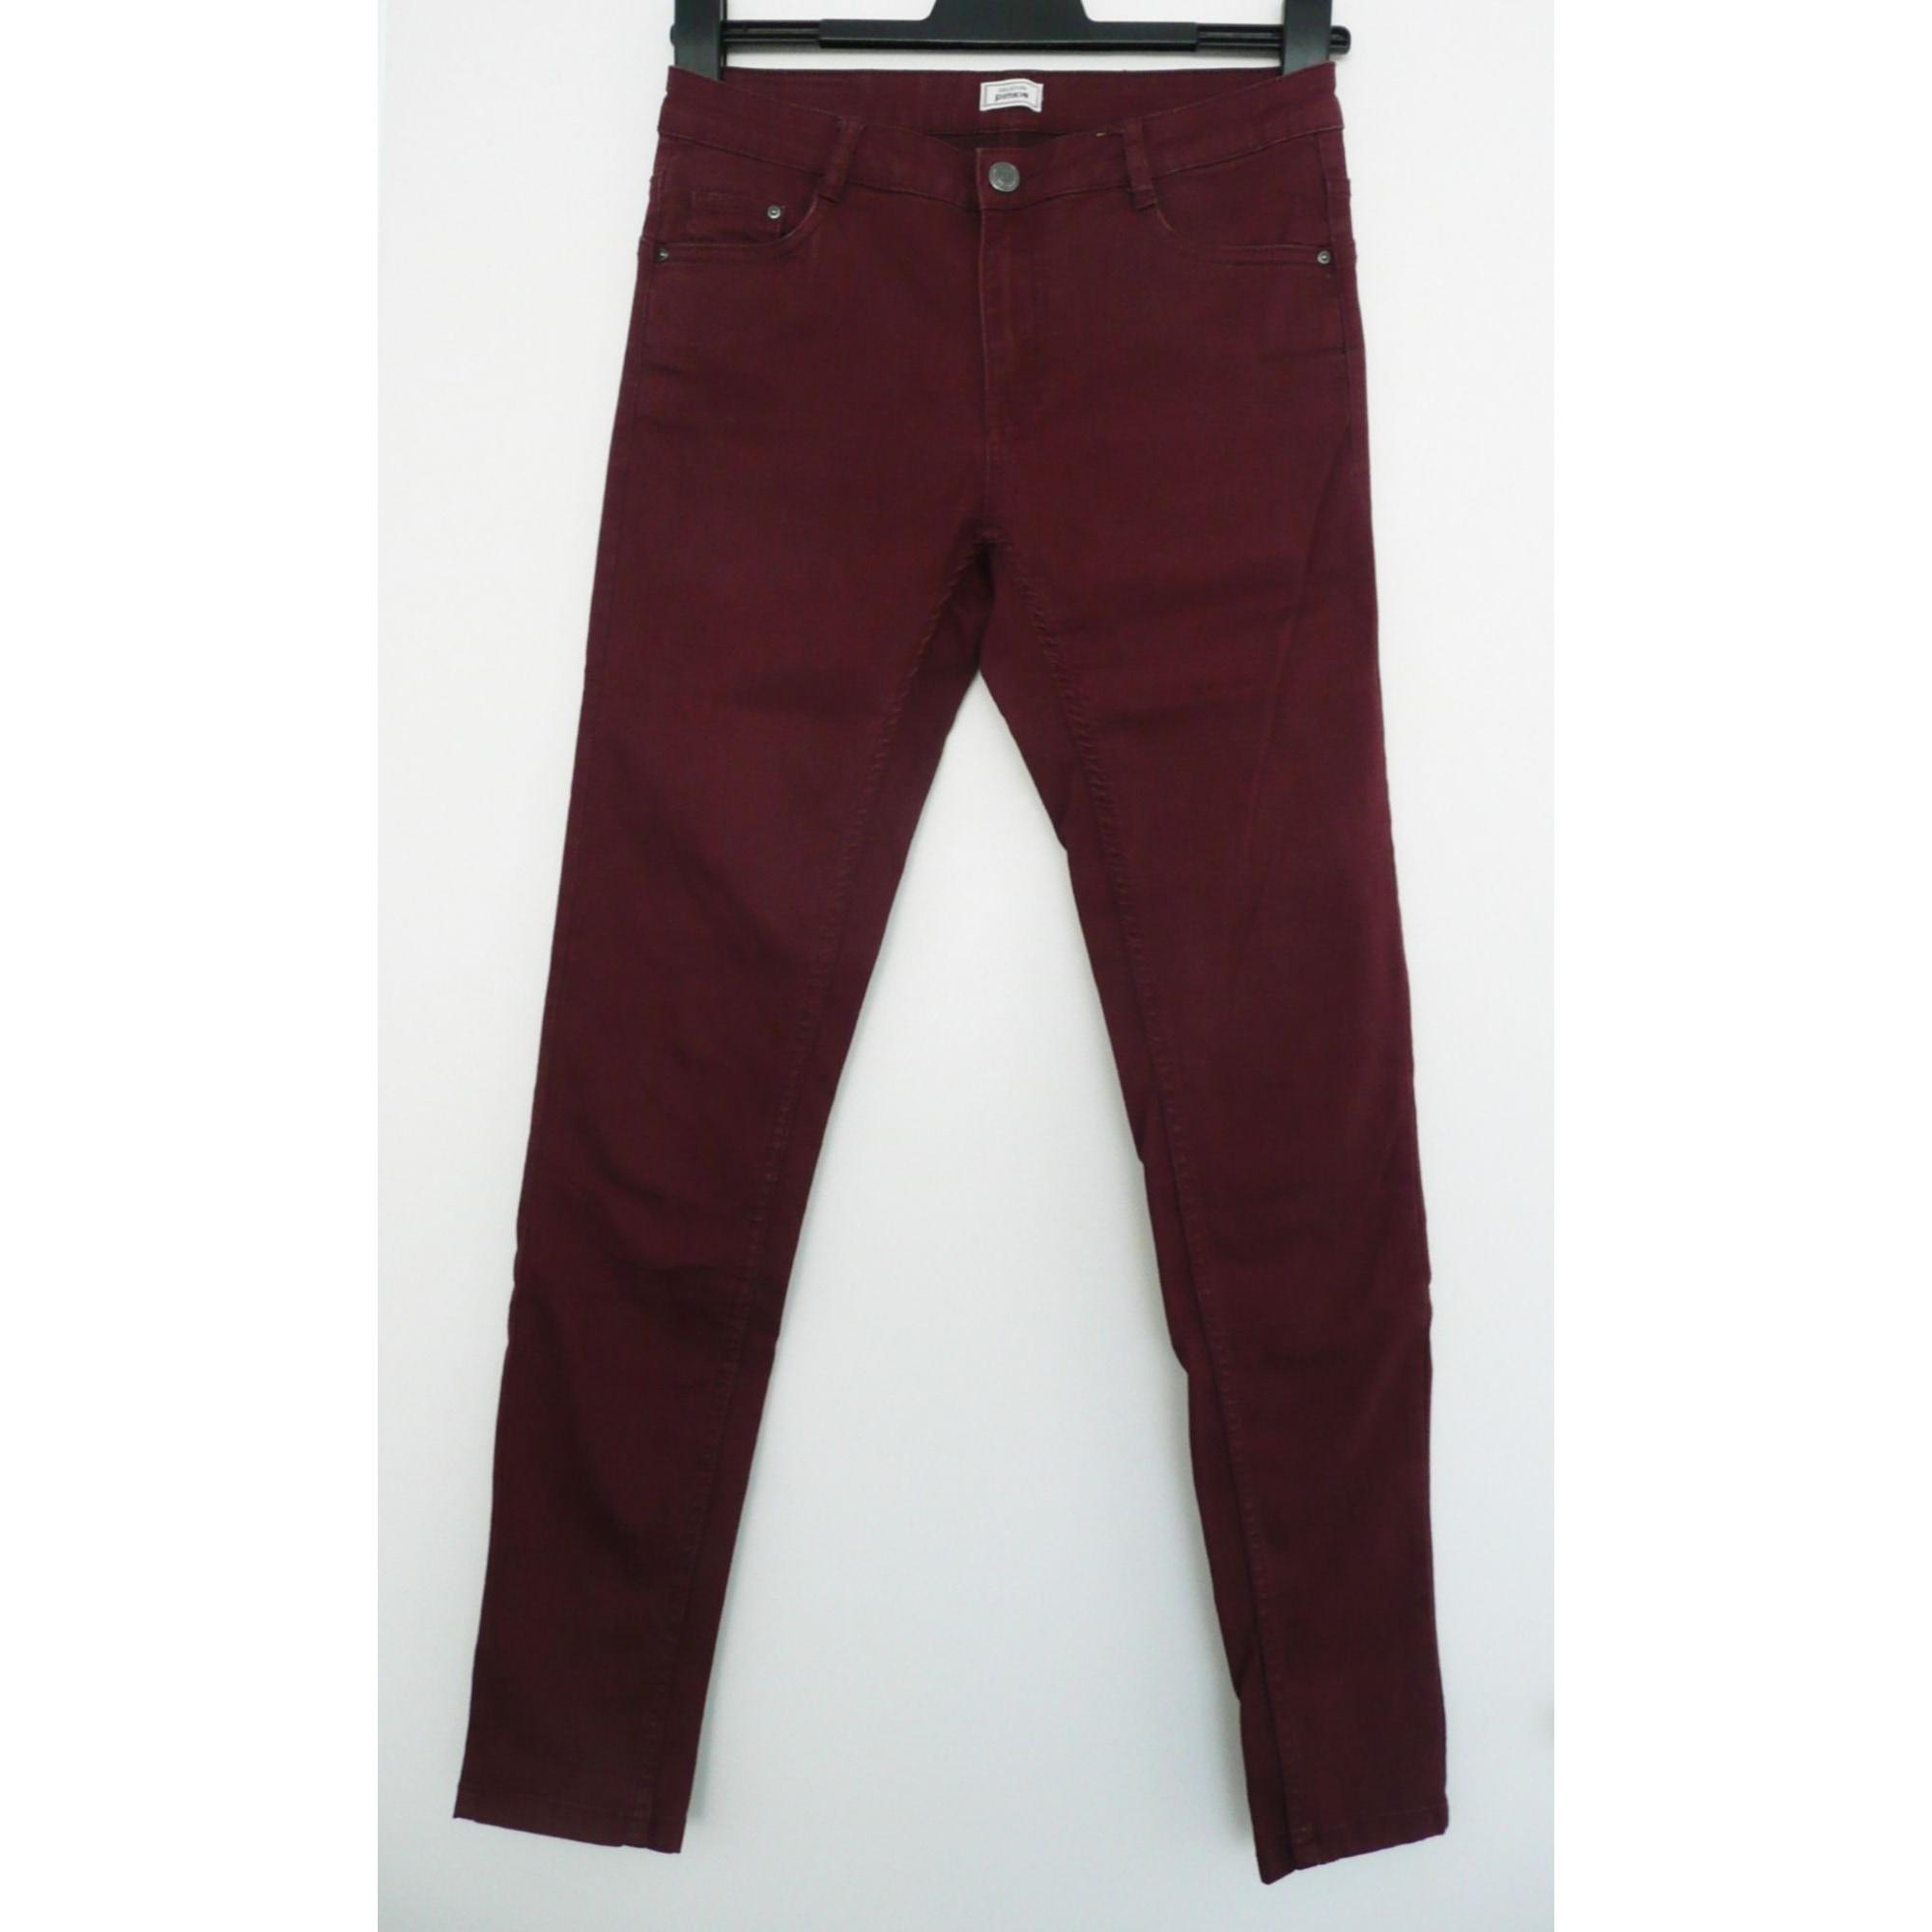 Pantalon slim, cigarette PIMKIE Rouge, bordeaux